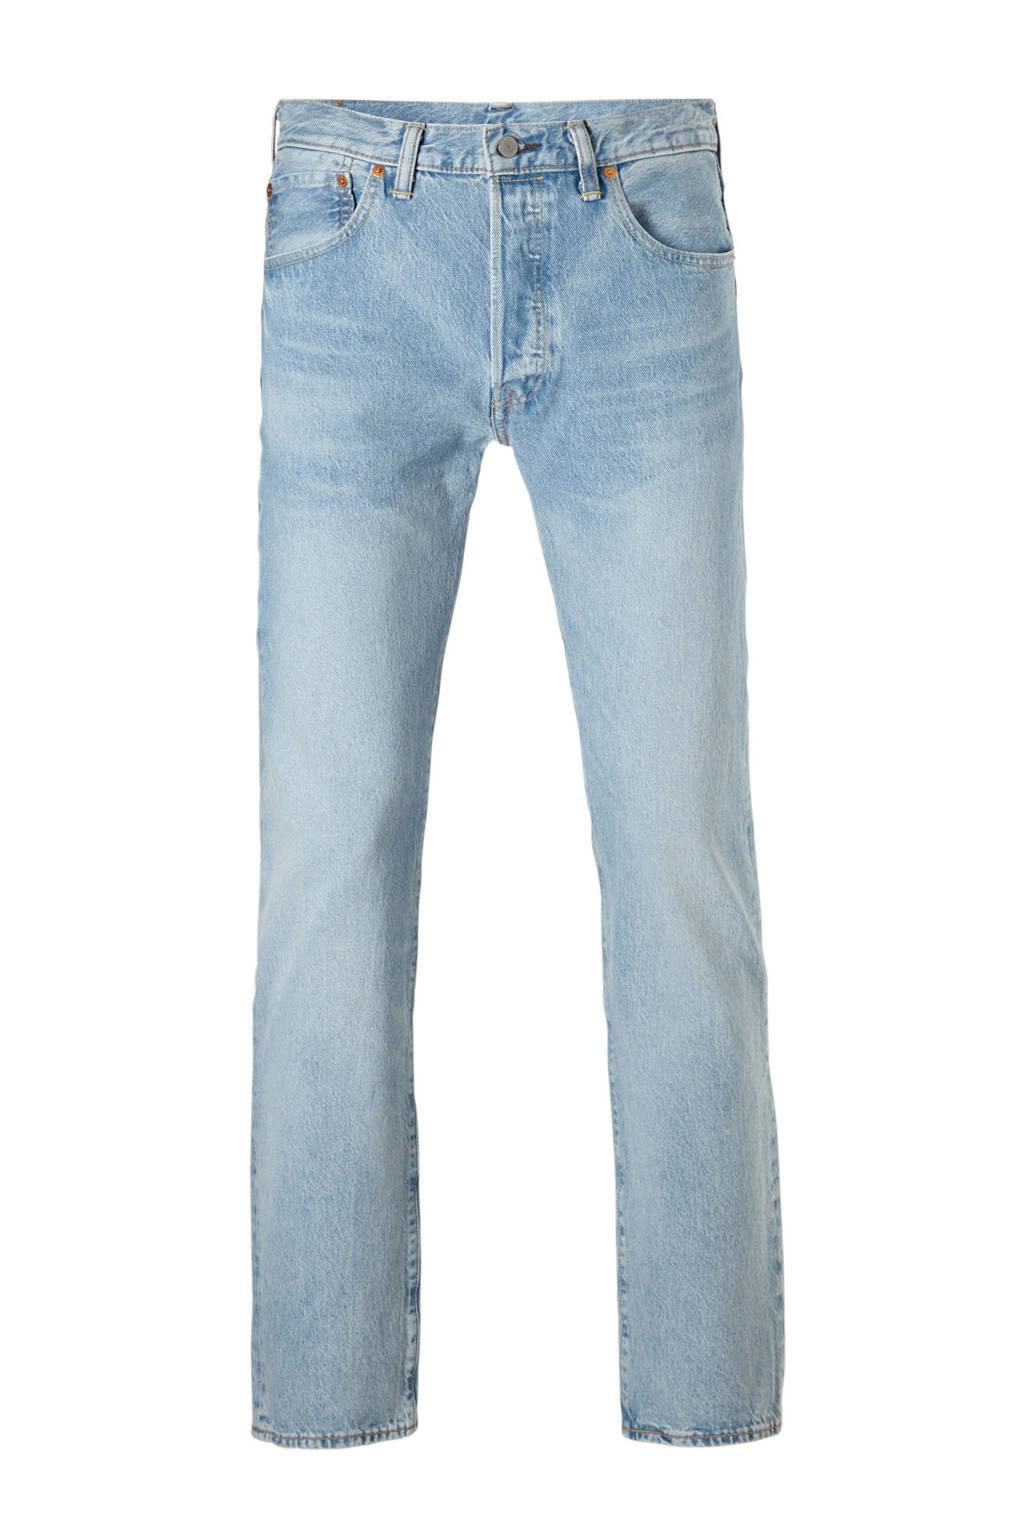 9e656f0ac25 Levi's 501 Original regular fit jeans, Mowhawk Warp Str